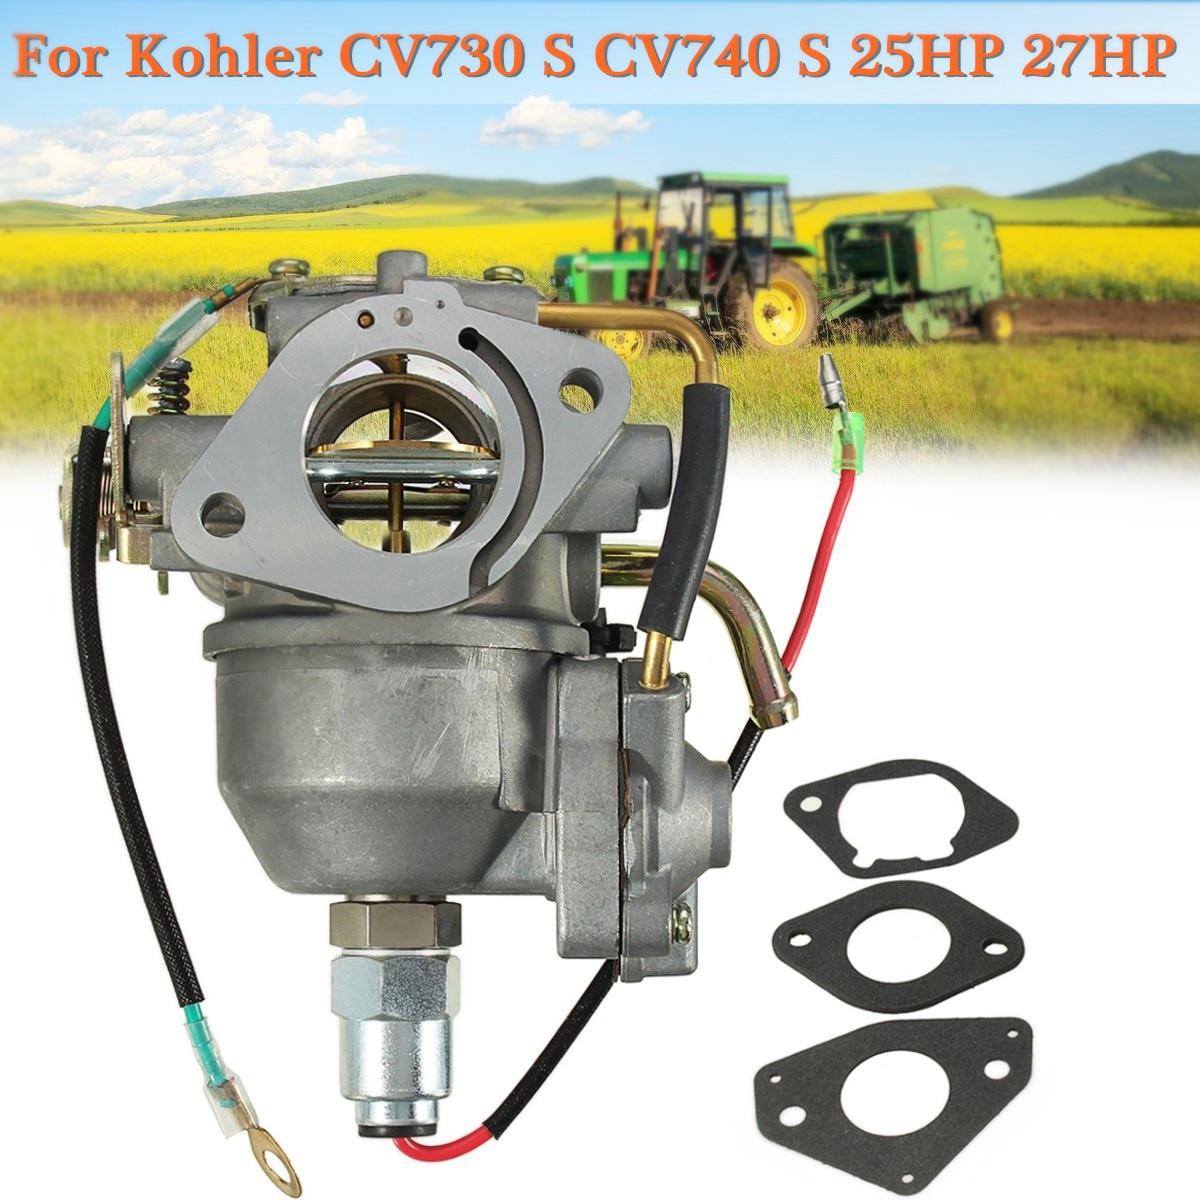 Carburateur pour Kohler CV730 S CV740 S 25HP 27HP moteur tracteur Carb 24853102-S